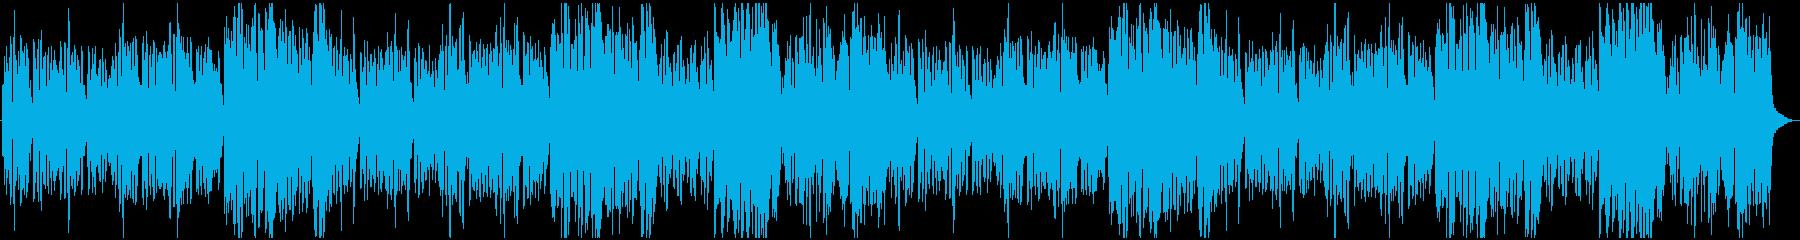 ほのぼの楽しい日常曲の再生済みの波形